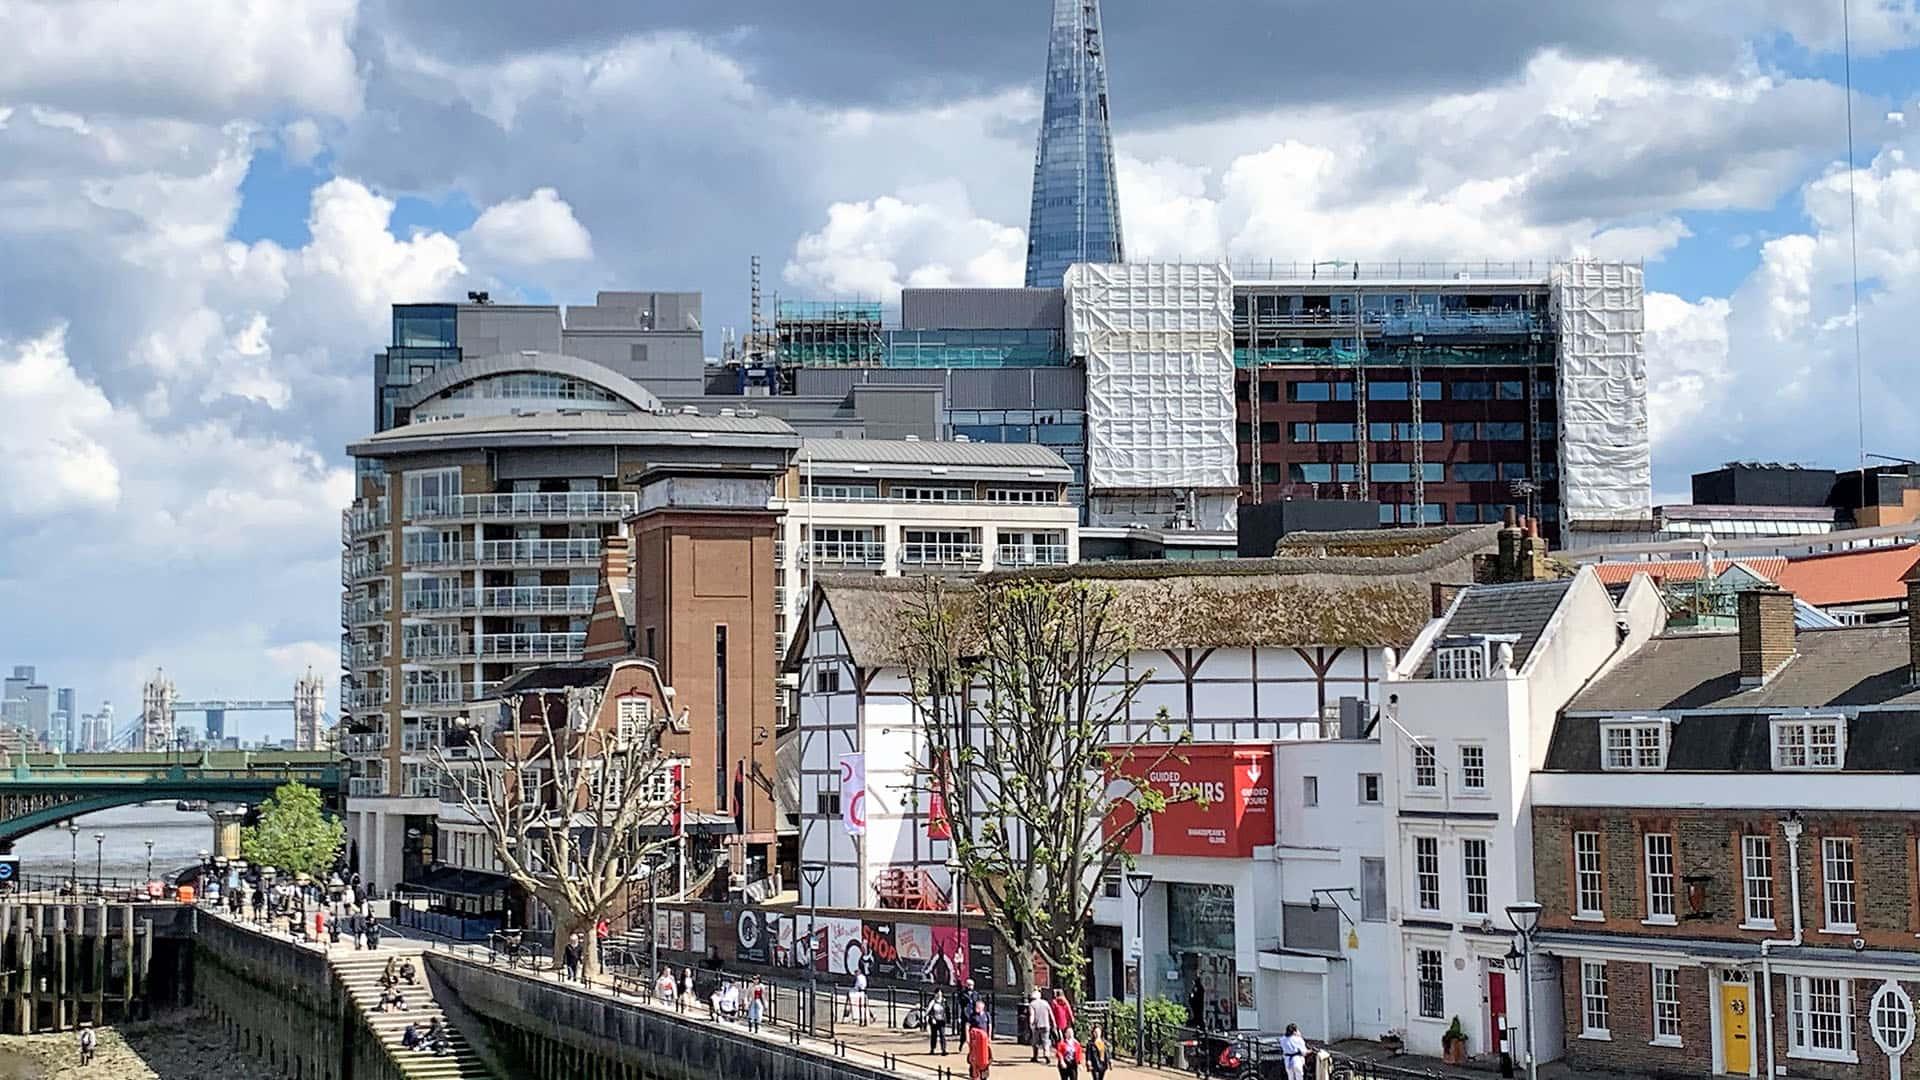 London by the Thames – London Virtual Tour